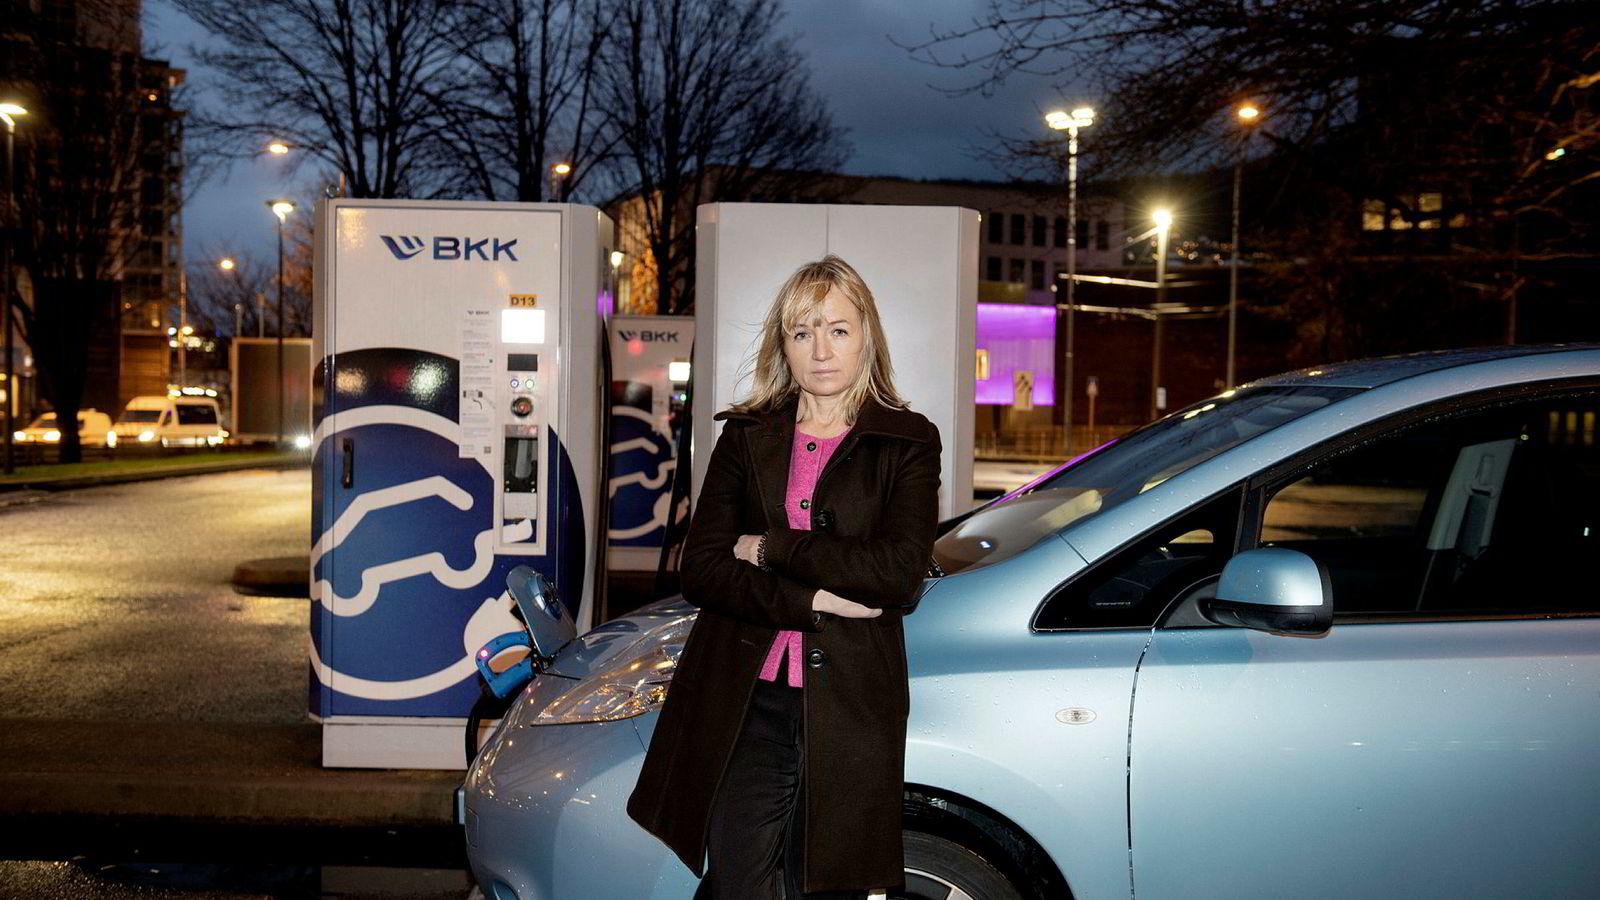 BKK-sjef Jannicke Hilland har erklært at kraftselskapet skal bli ledende i Norge på elektrifisering. Her står hun ved BKKs store hurtigladestasjon for elbiler på Danmarks plass i Bergen.